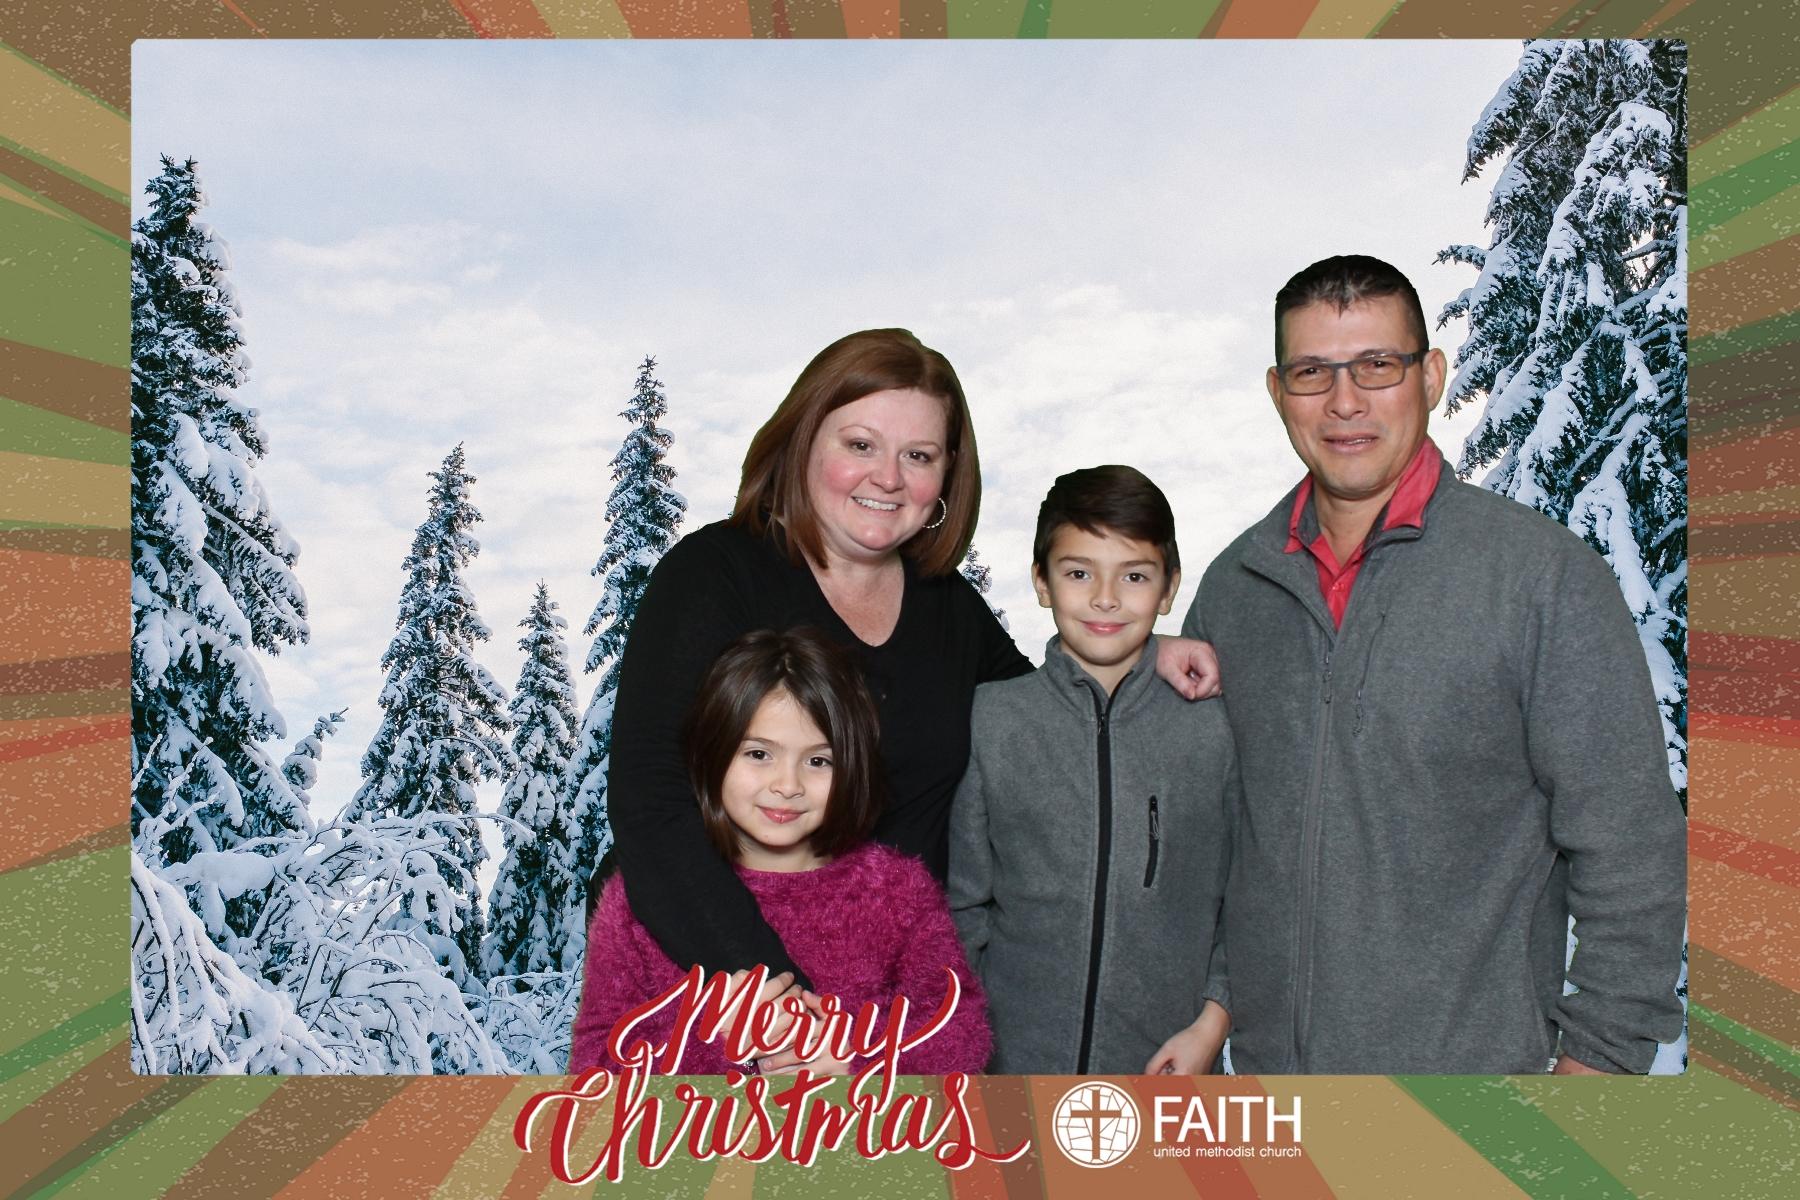 Faith2018_2018-12-24_18-47-38.jpg